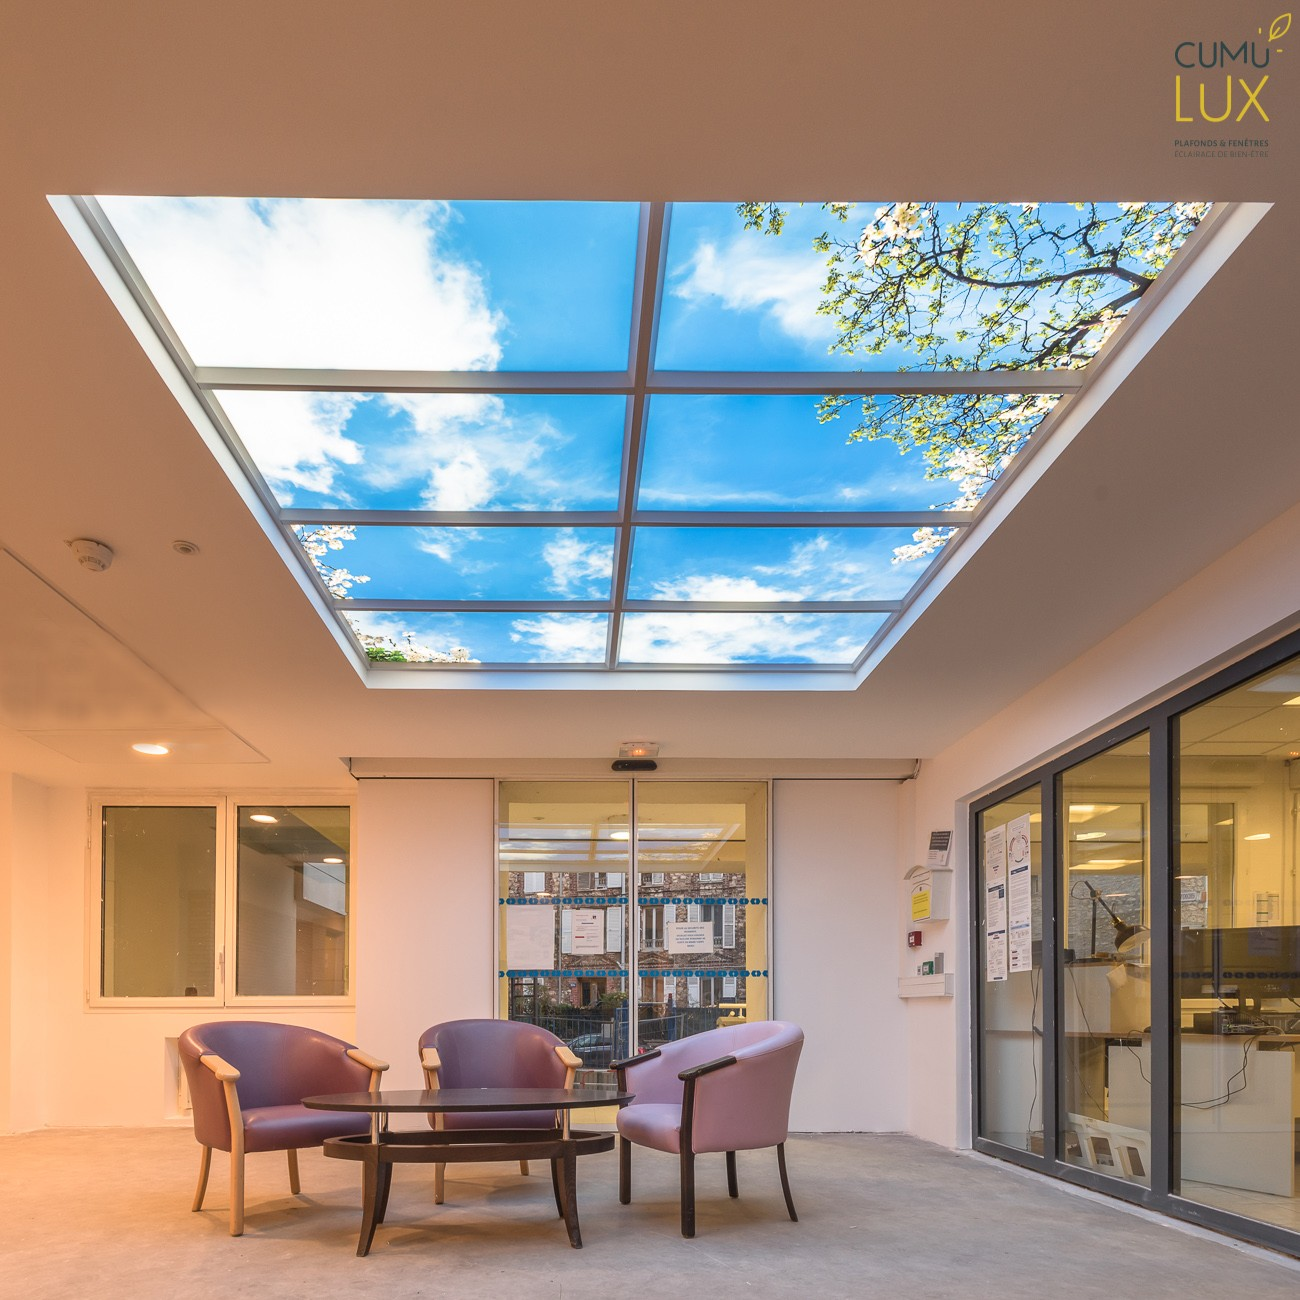 Plafond lumineux à l'Ehpad Gourlet Bonptemps -hall d'accueil